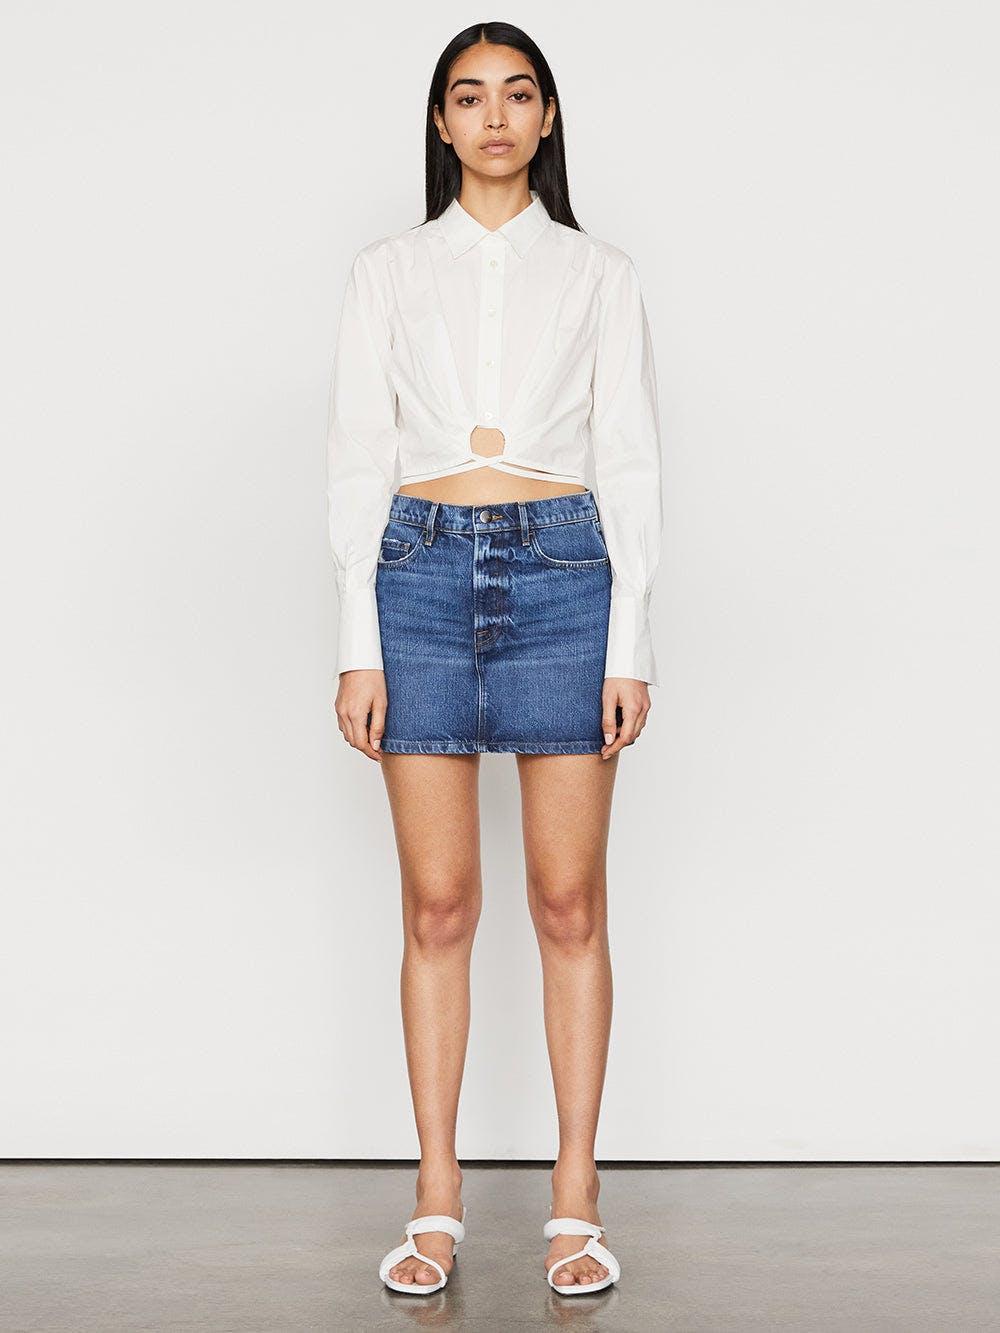 skirt front full body view alt:hover